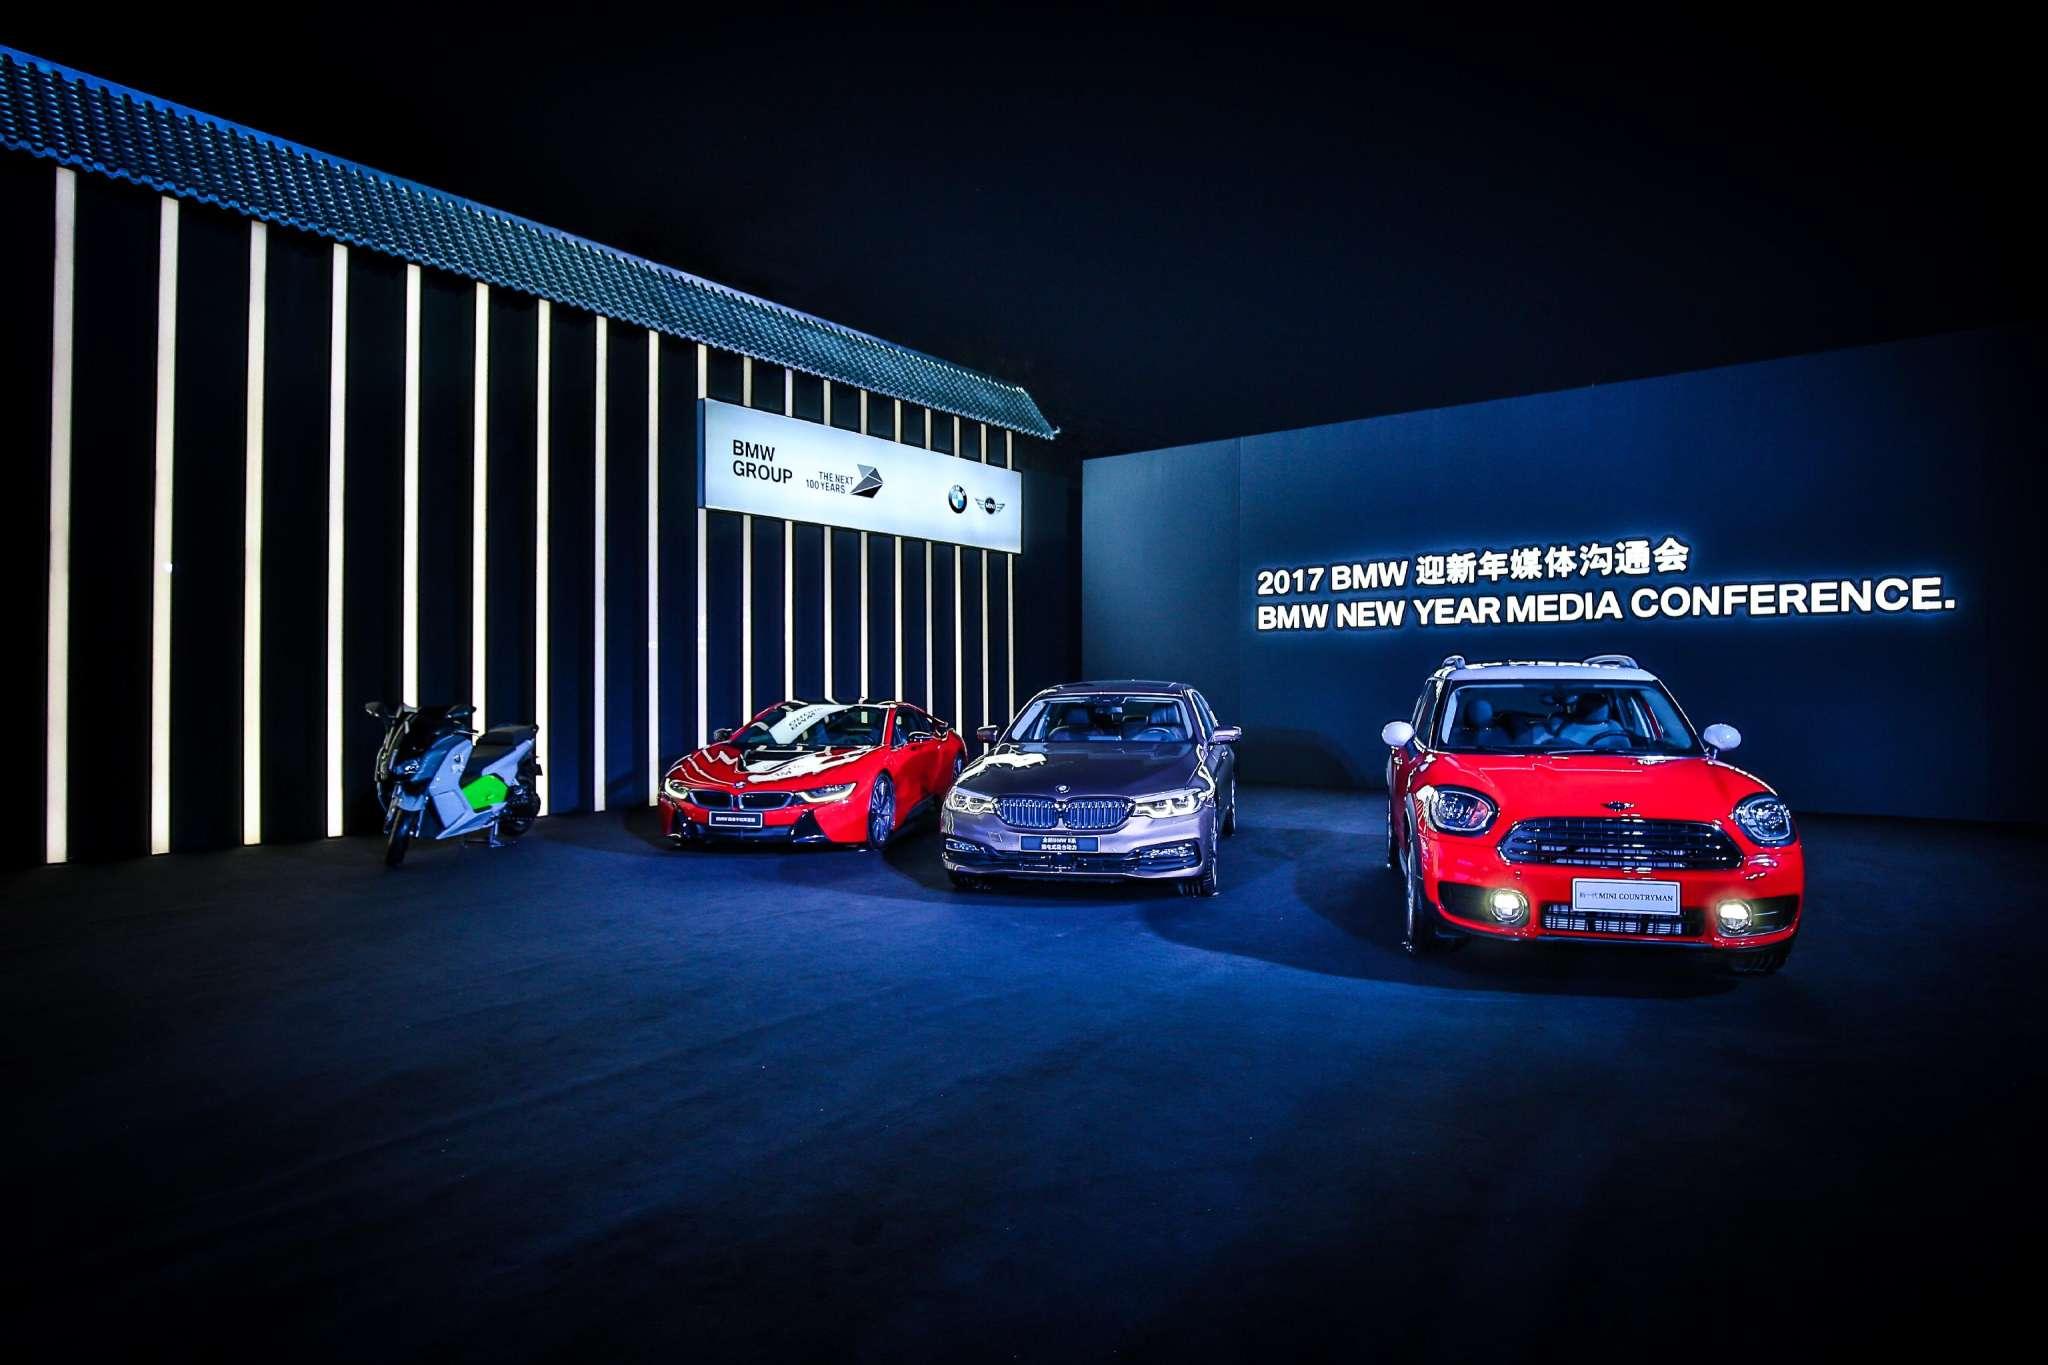 宝马明年将出16款新车  四领域推进在华布局